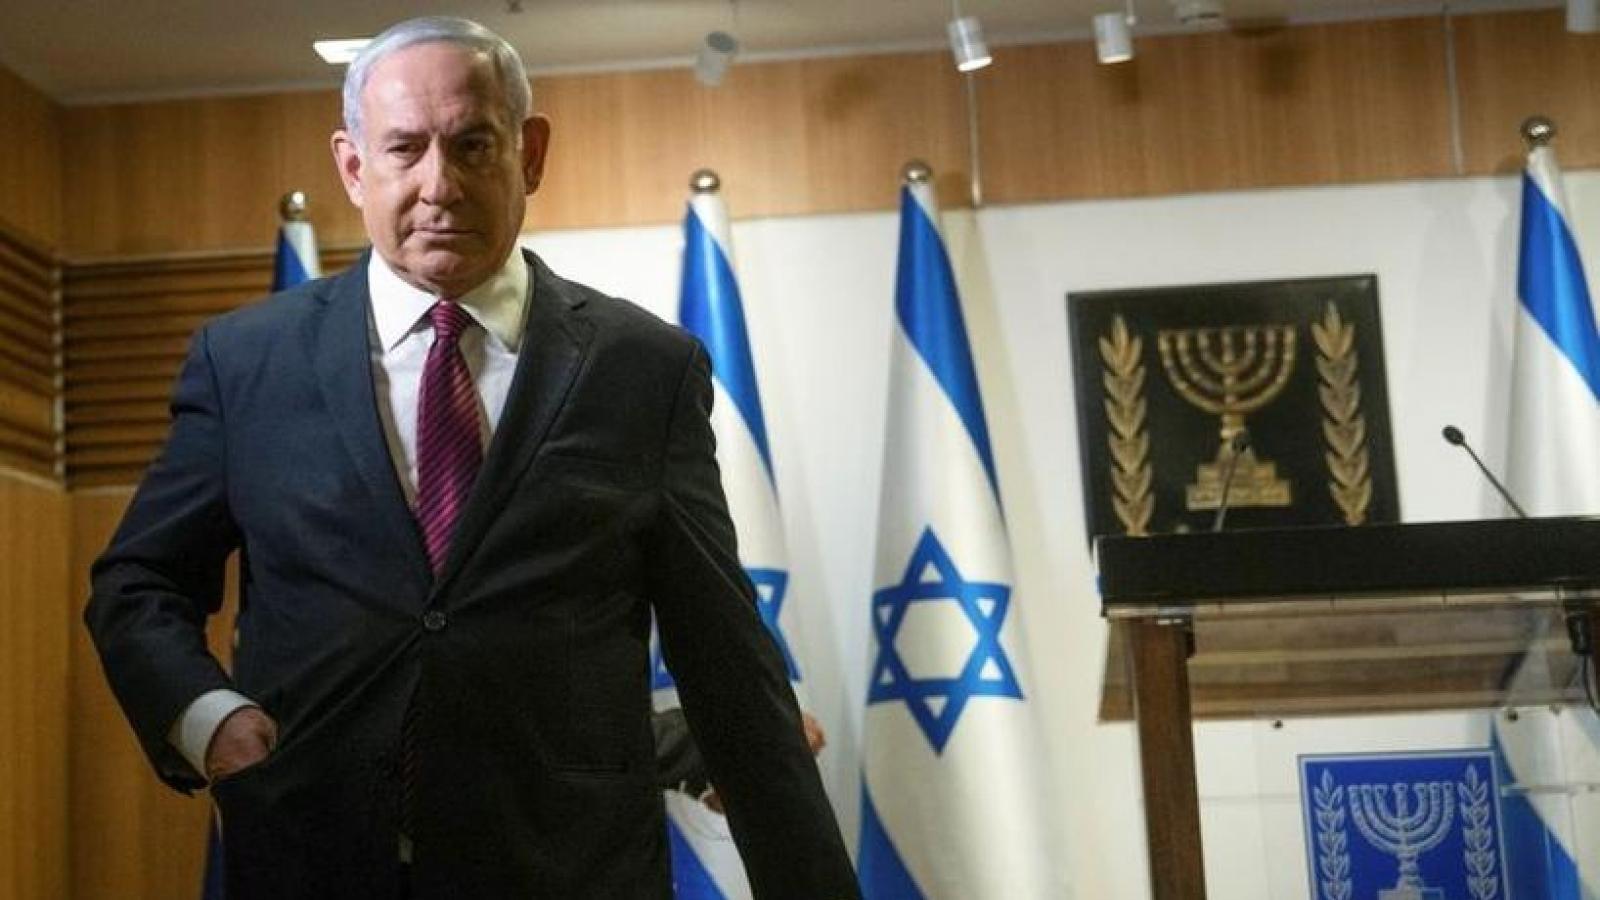 Bế tắc thành lập chính phủ: Những kịch bản cho chính trường Israel